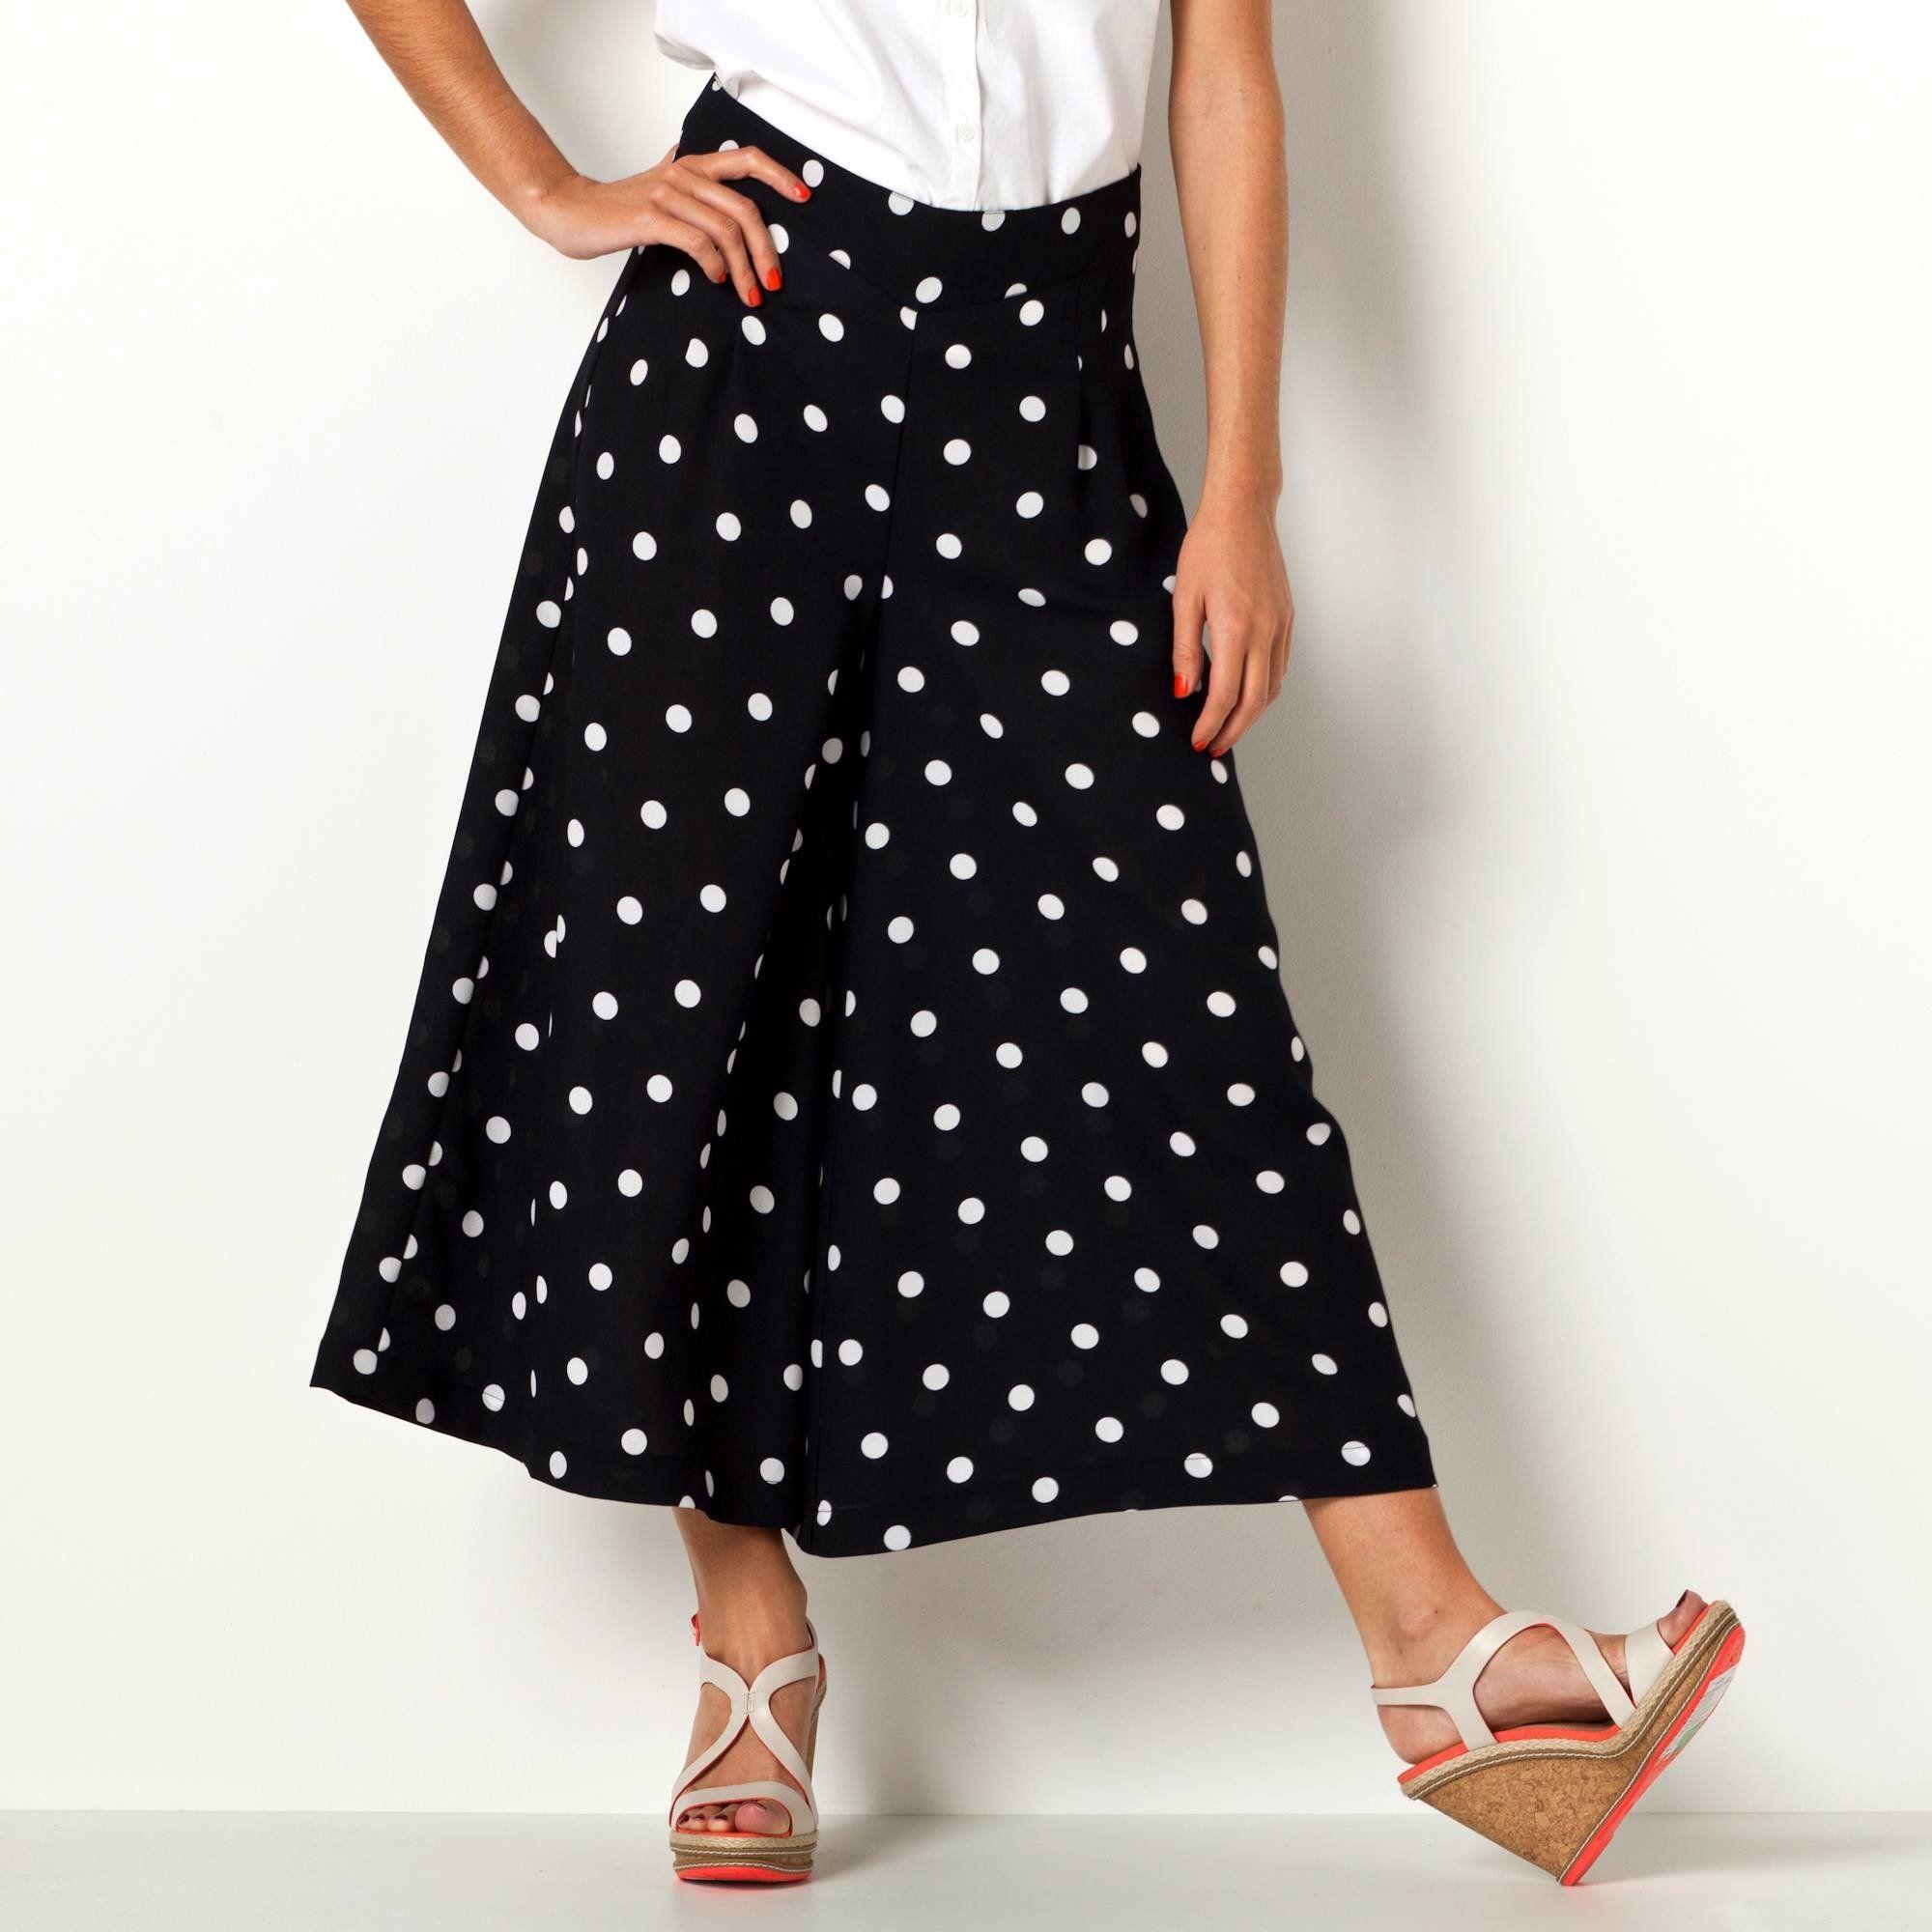 c1882052f523d Pantalon fluide (jupe-culotte ...) à pois extra large femme 3 SUISSES  COLLECTION -